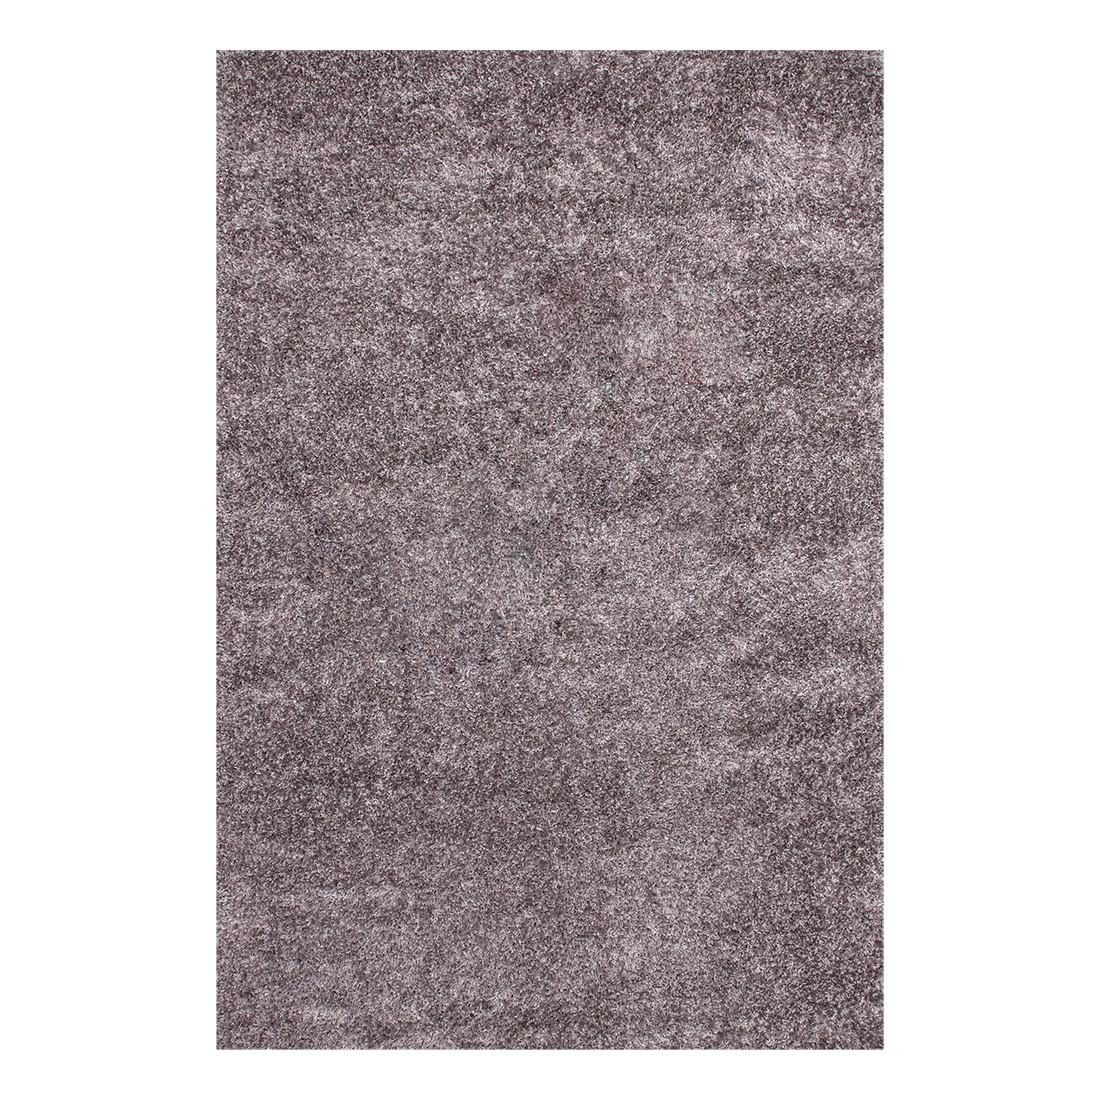 Teppich Harmonie – Silber – 60 x 110 cm, Obsession günstig online kaufen